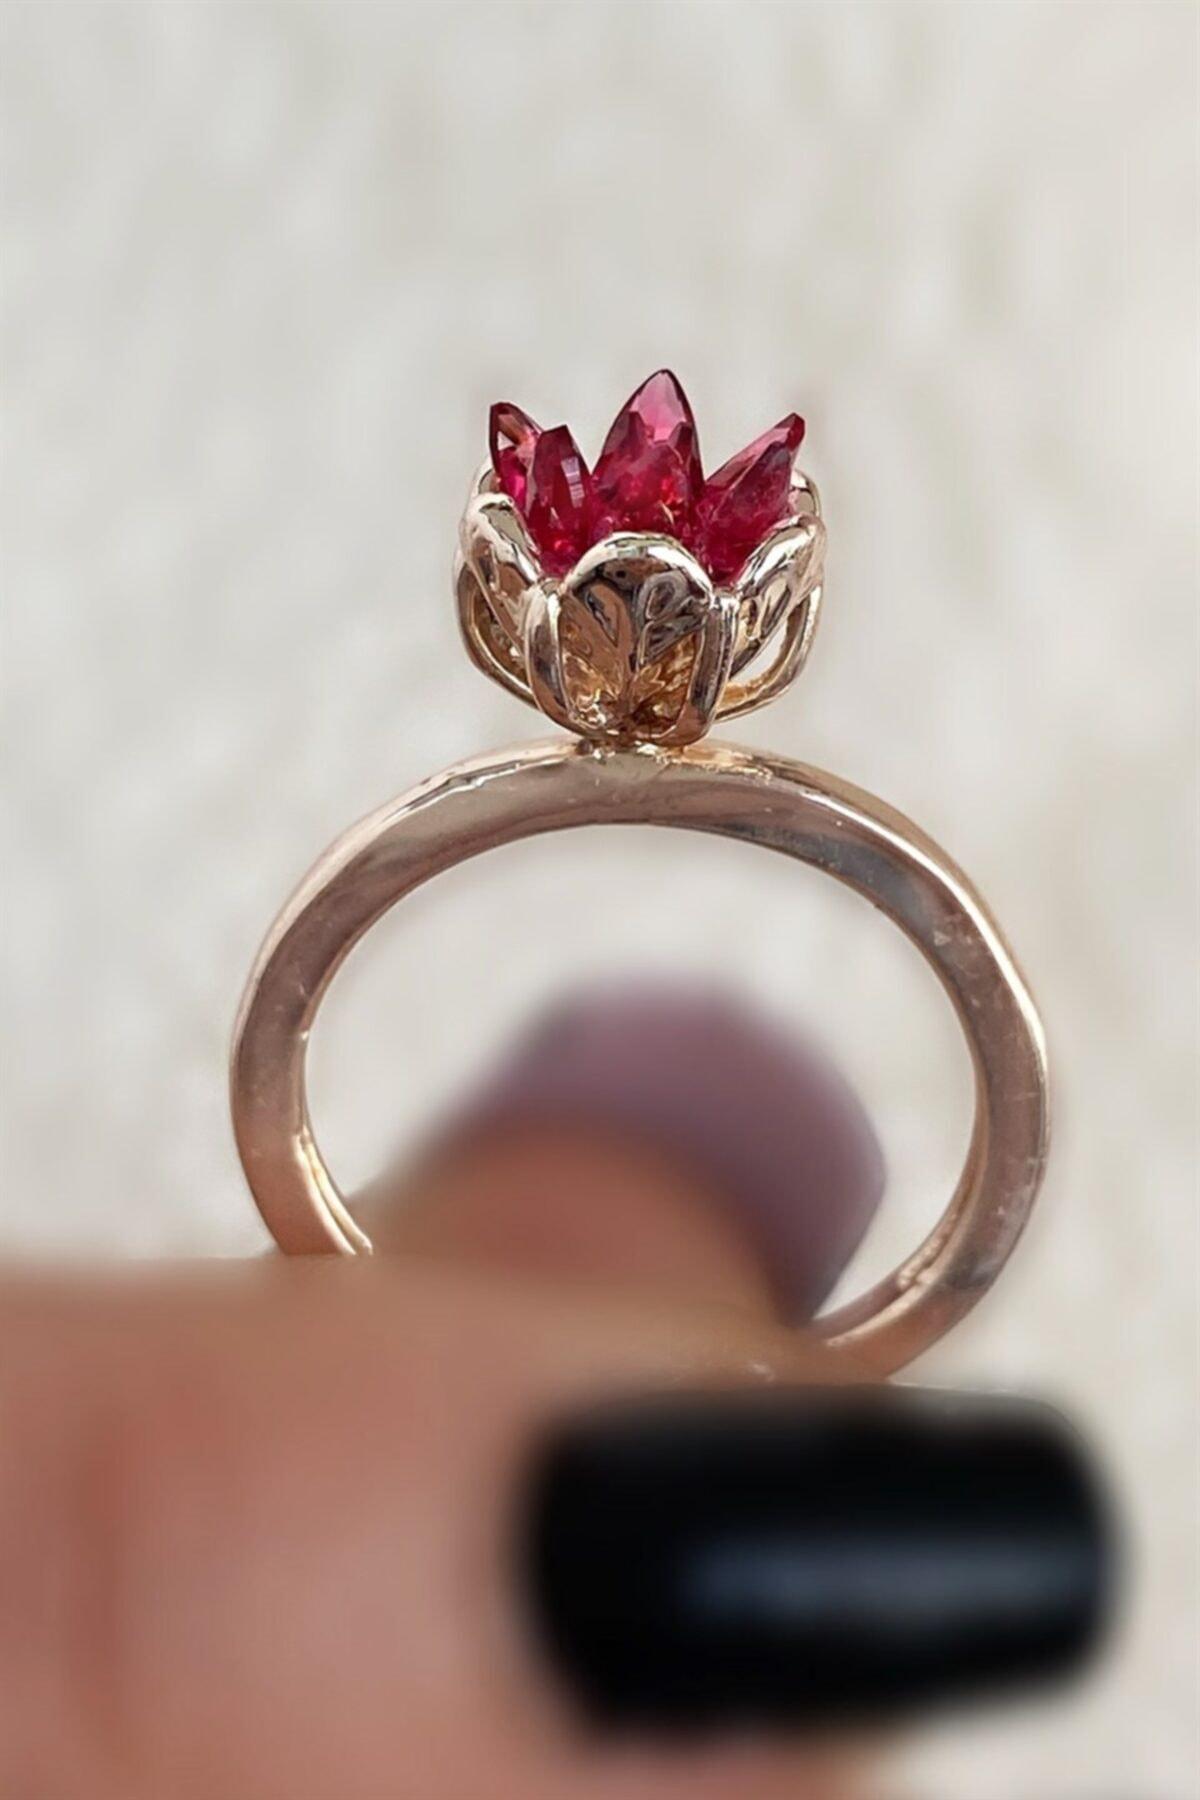 TAKIŞTIR Rose Renk Kırmızı Lotus Çiçeği Figürlü Ayarlanabilir Yüzük 1